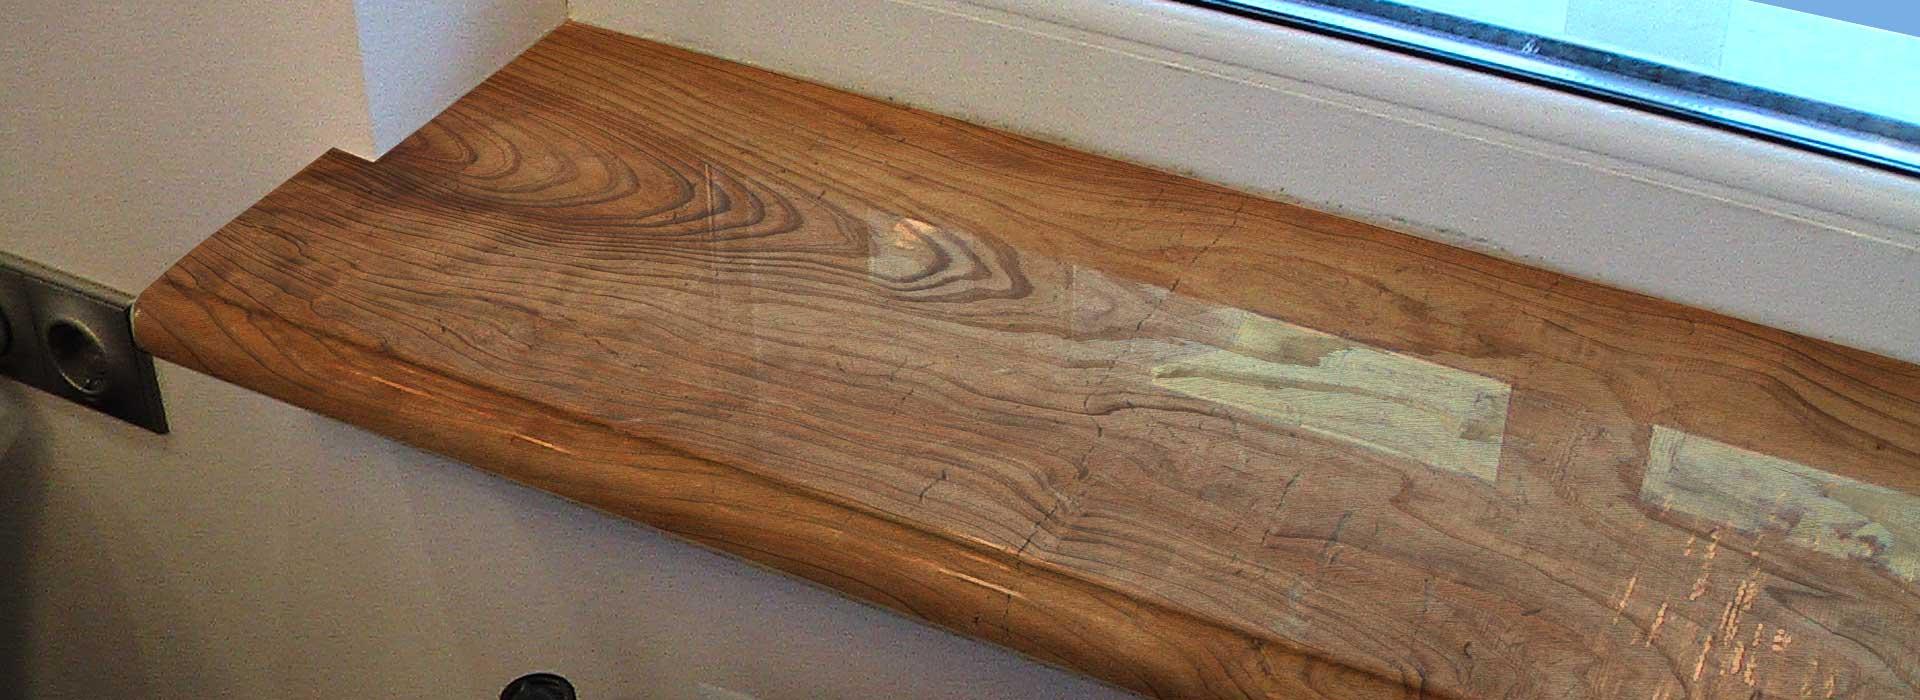 Деревянные подоконники для окон из дерева